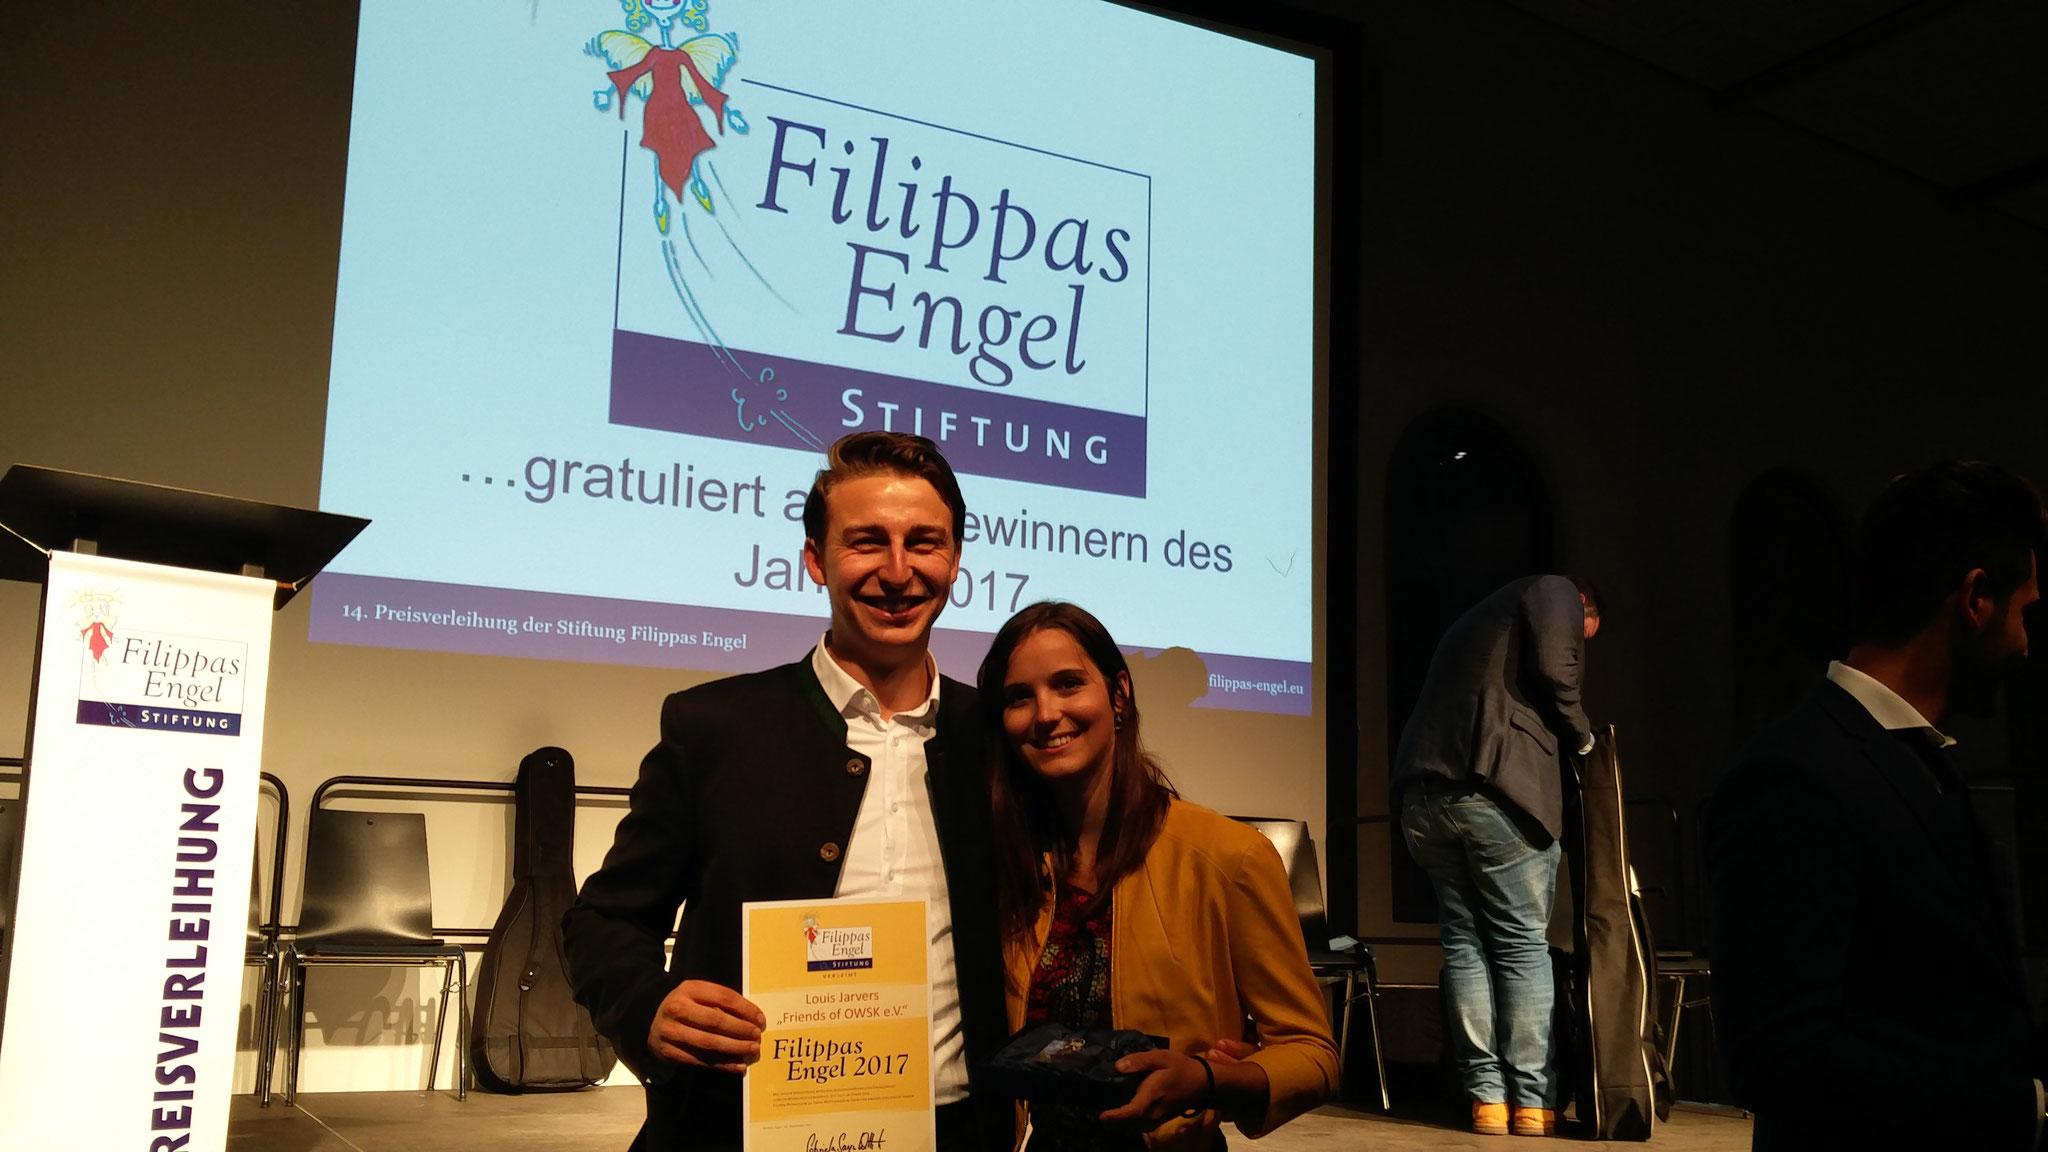 Louis Jarvers, Vorsitzender, mit Lotte Schlör, Gründungsmitglied der Friends